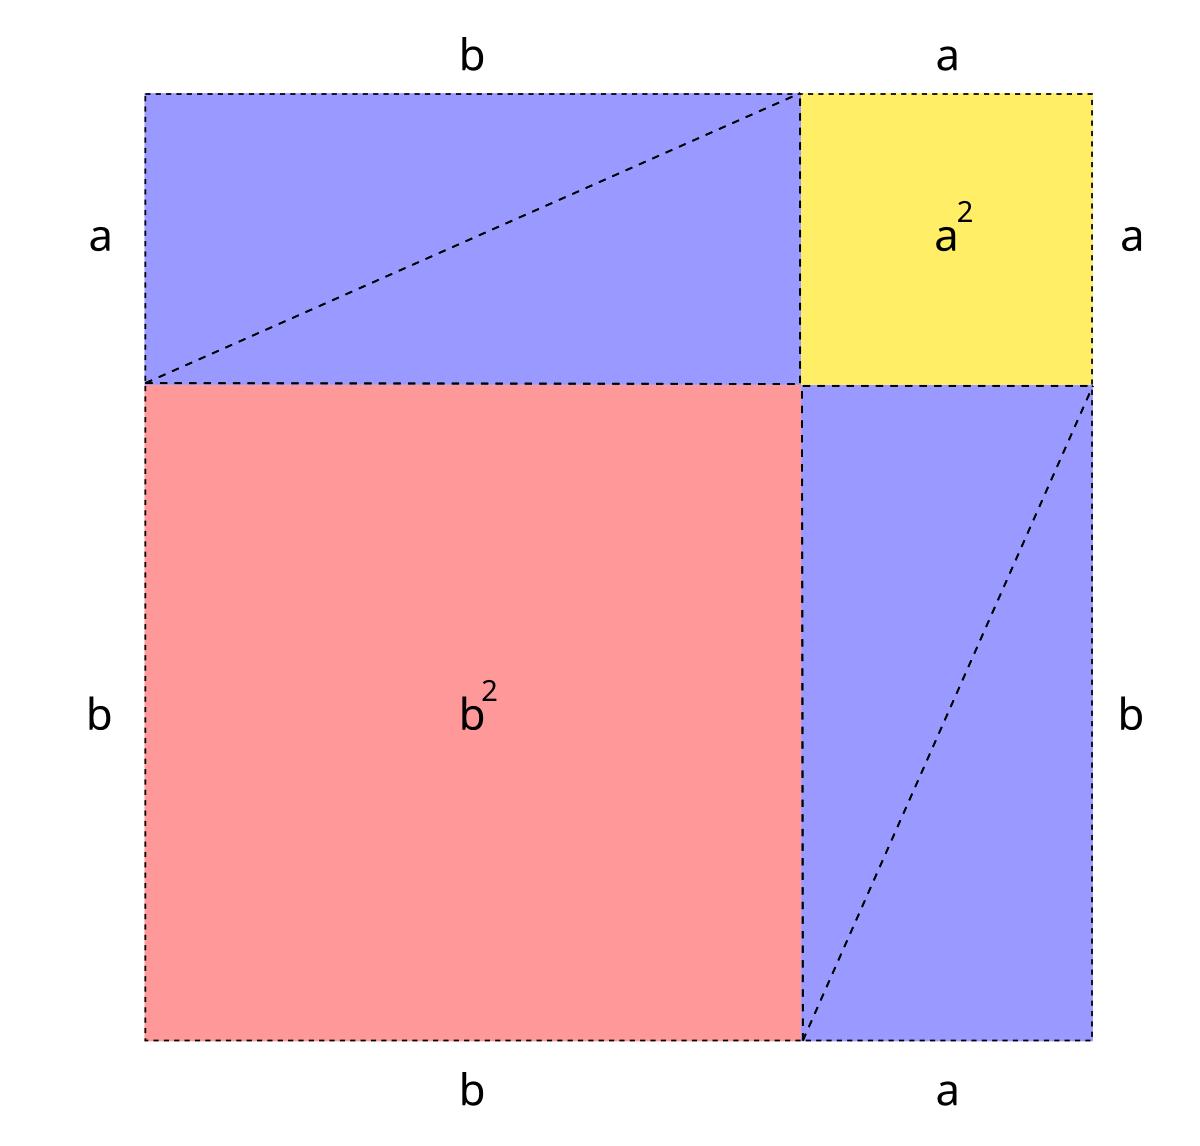 http://www.pererikstrandberg.se/blog/pythagoras/pythagoras2.png